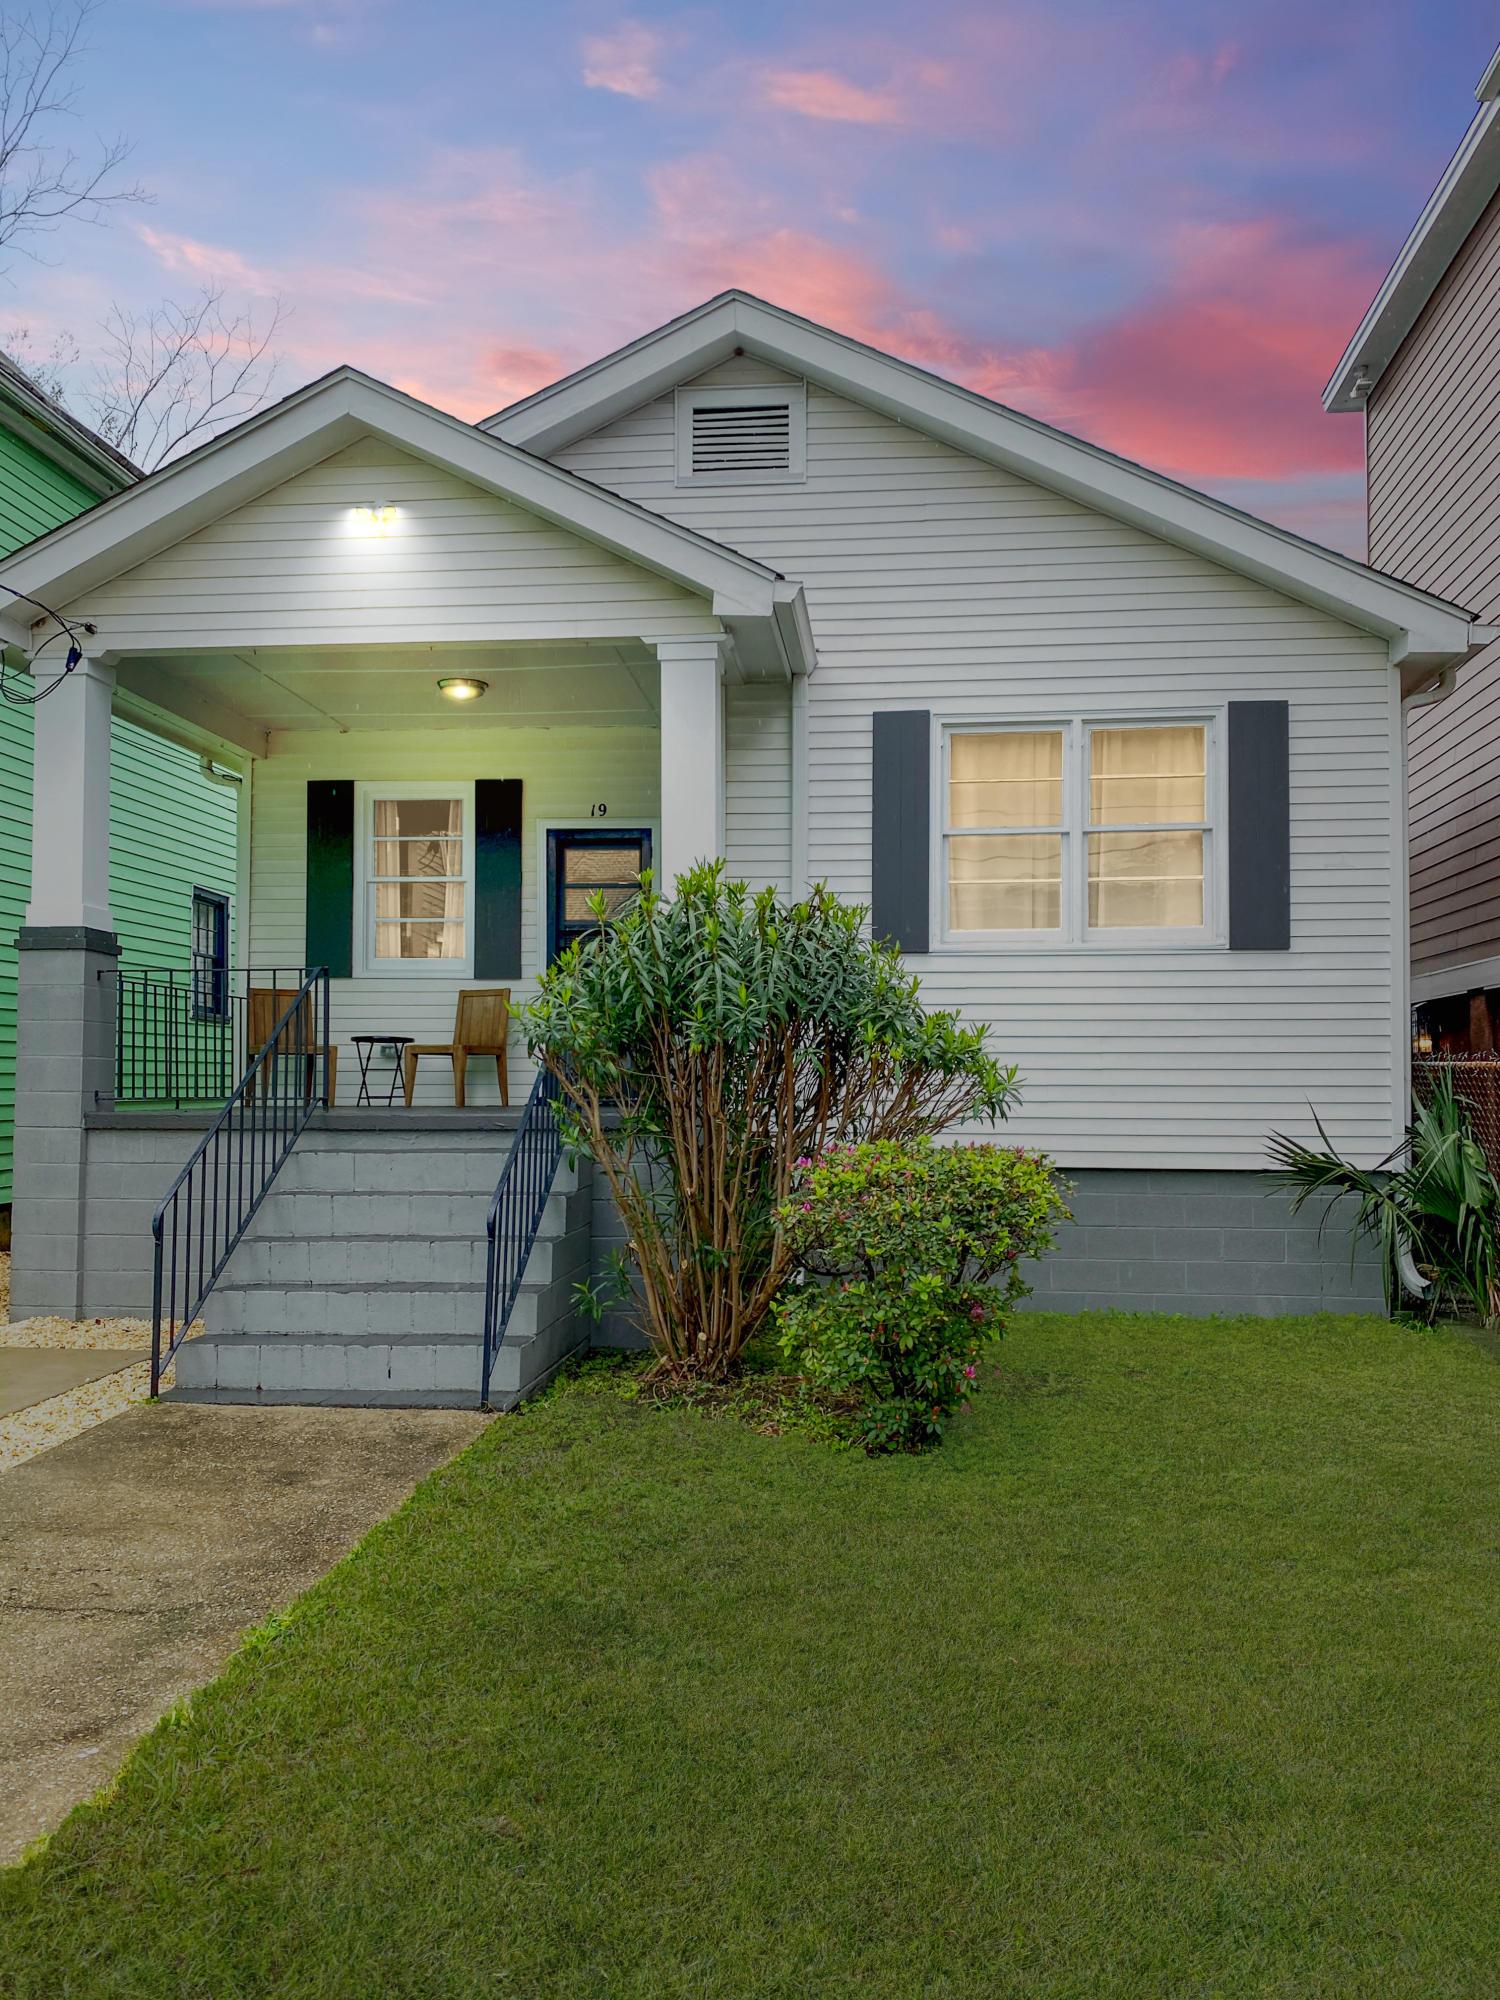 19 Aiken Street Charleston, SC 29403